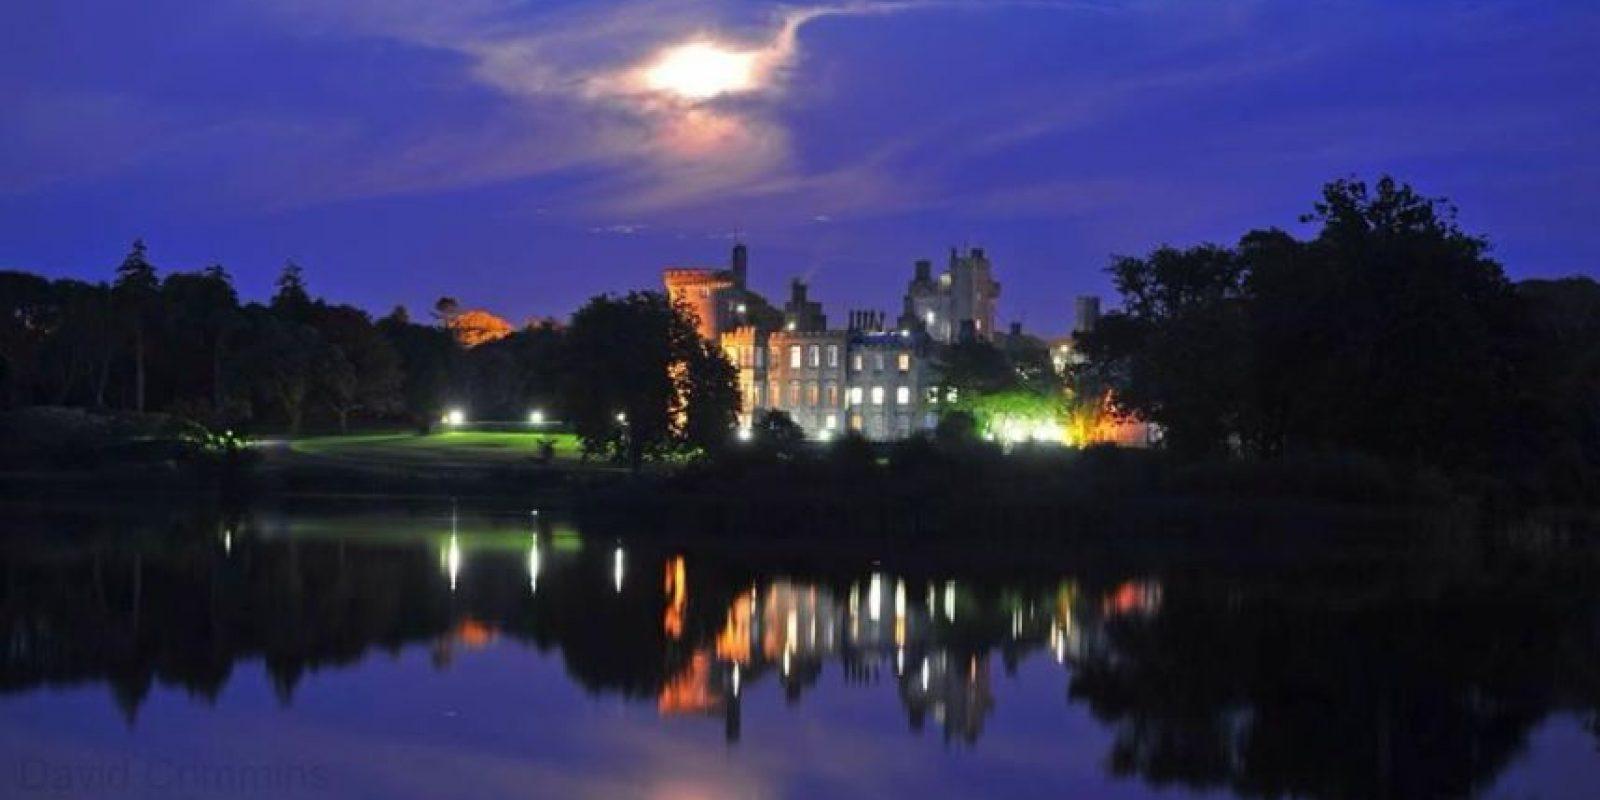 Tiene la opción de cenar en el castillo o al aire libre Foto:Facebook.com/dromolandcastle